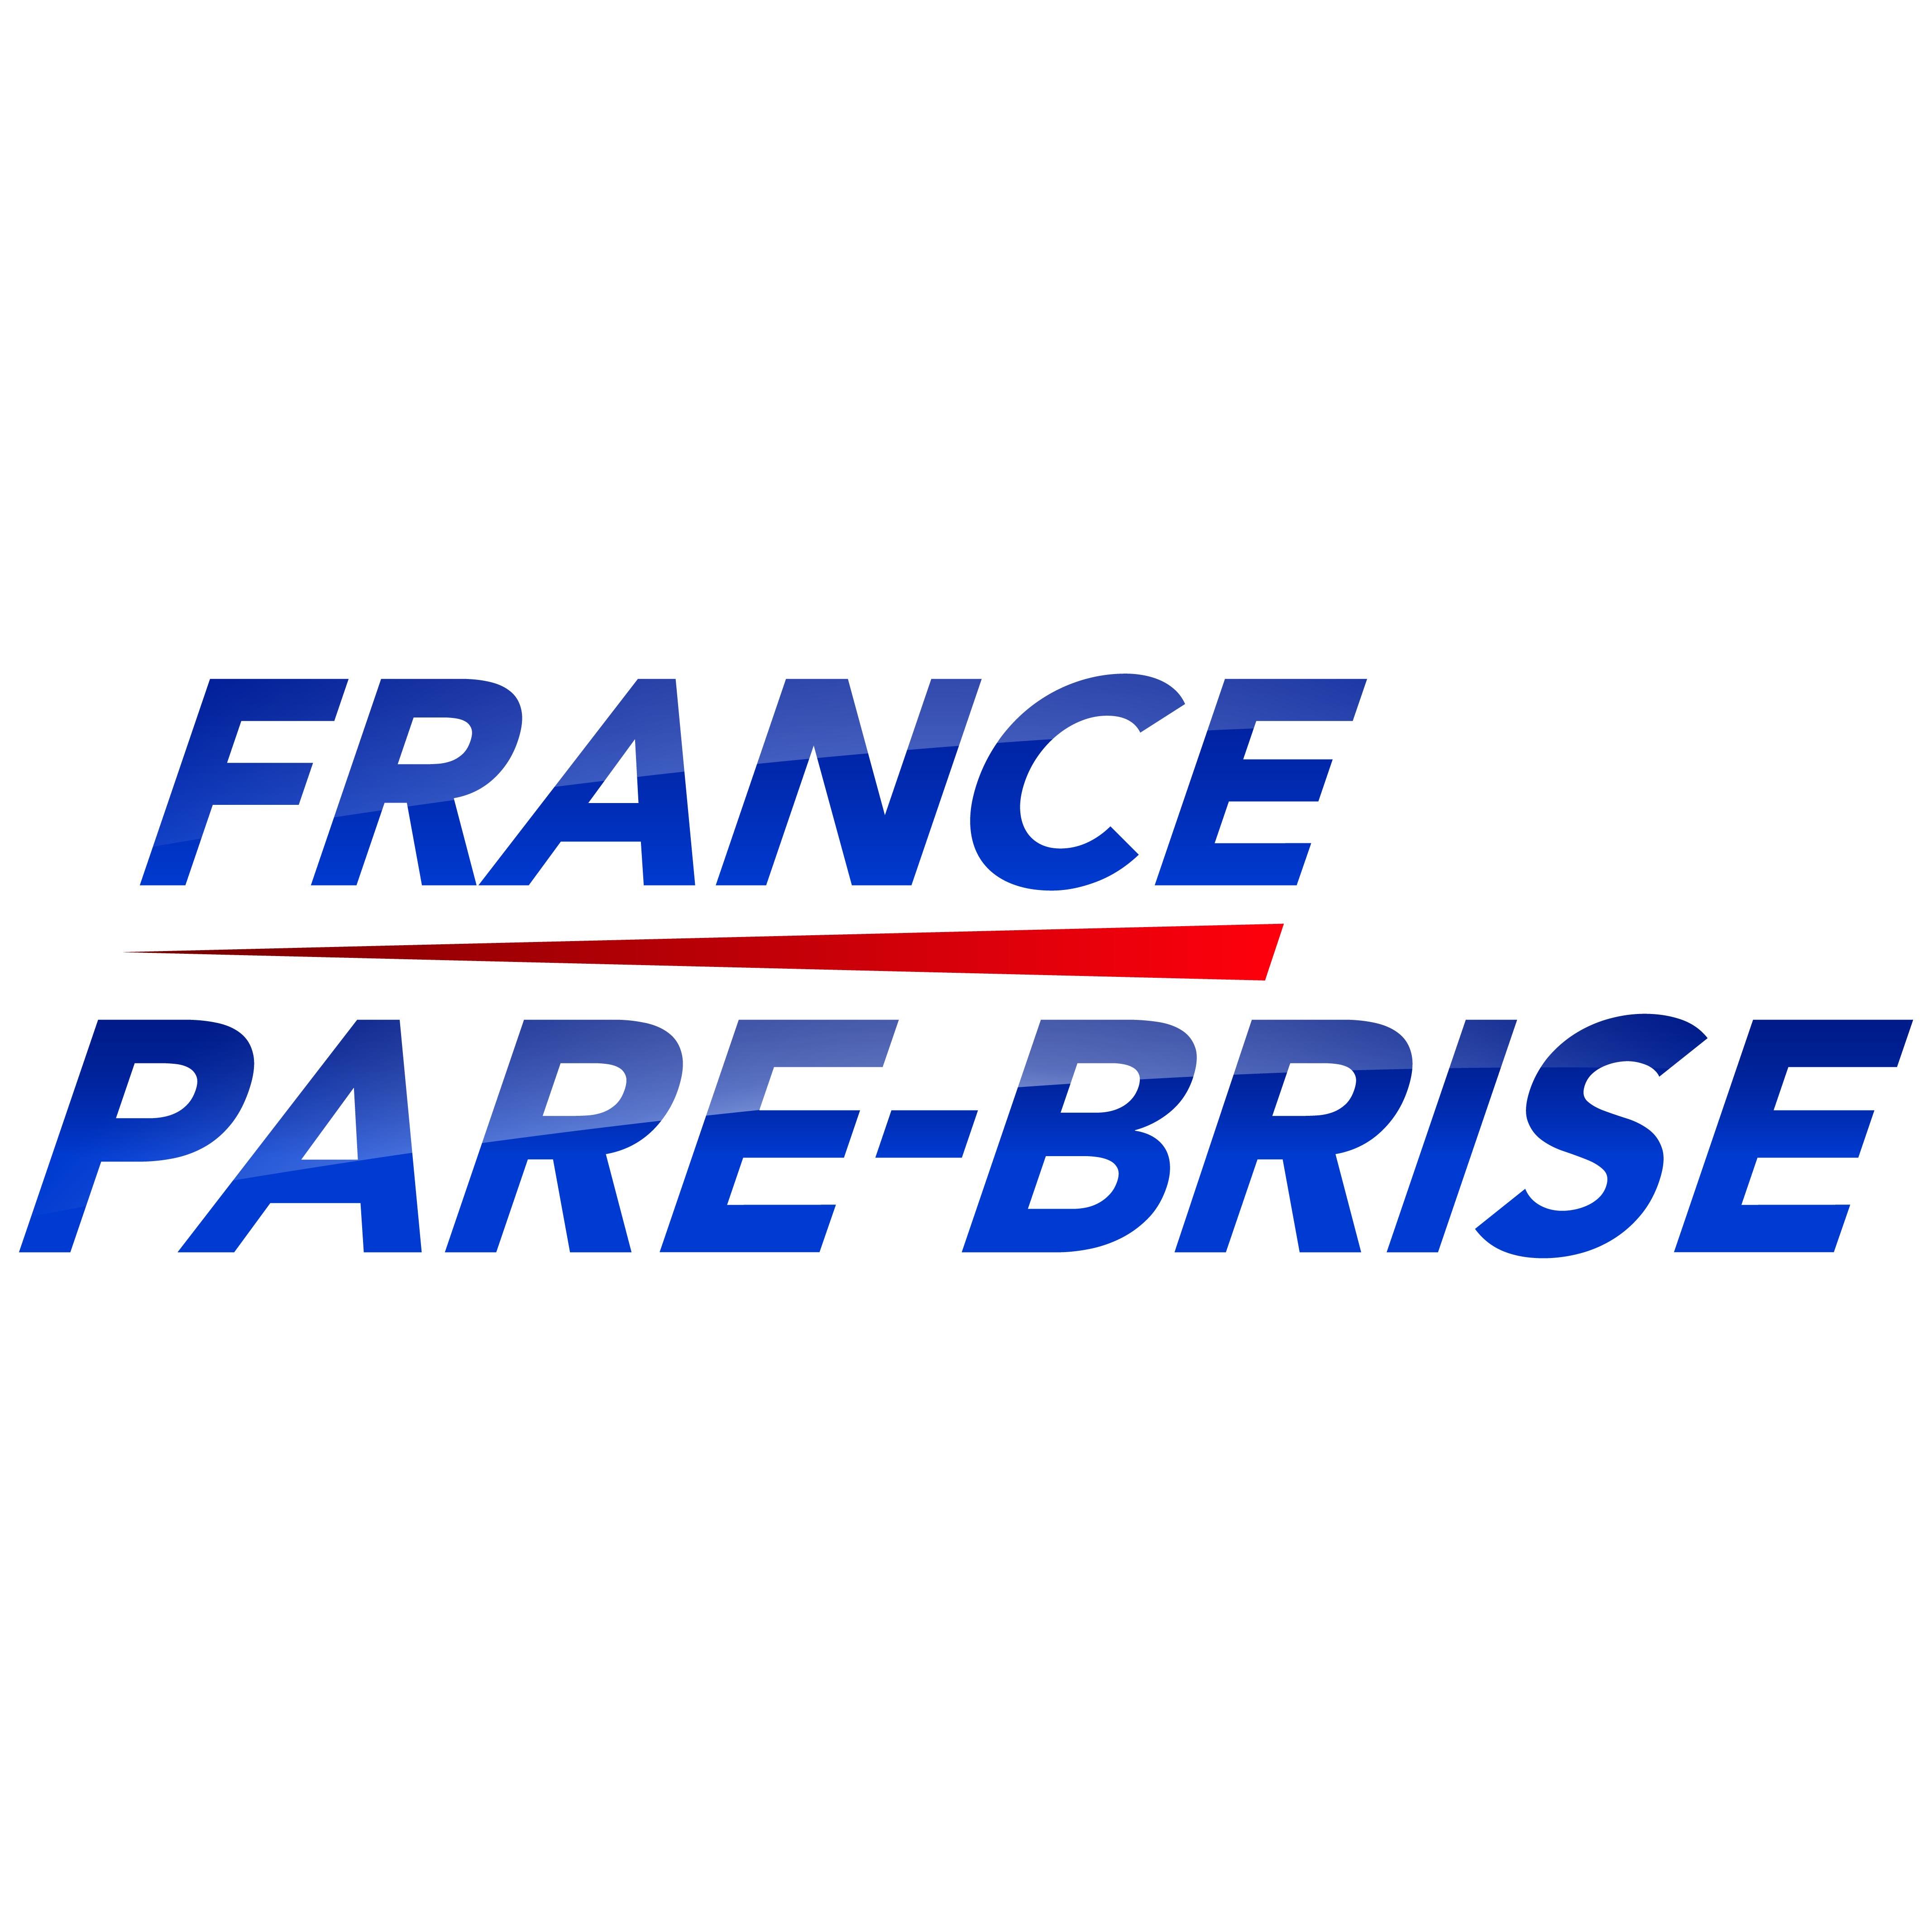 France Pare-Brise POITIERS vitrerie (pose), vitrier